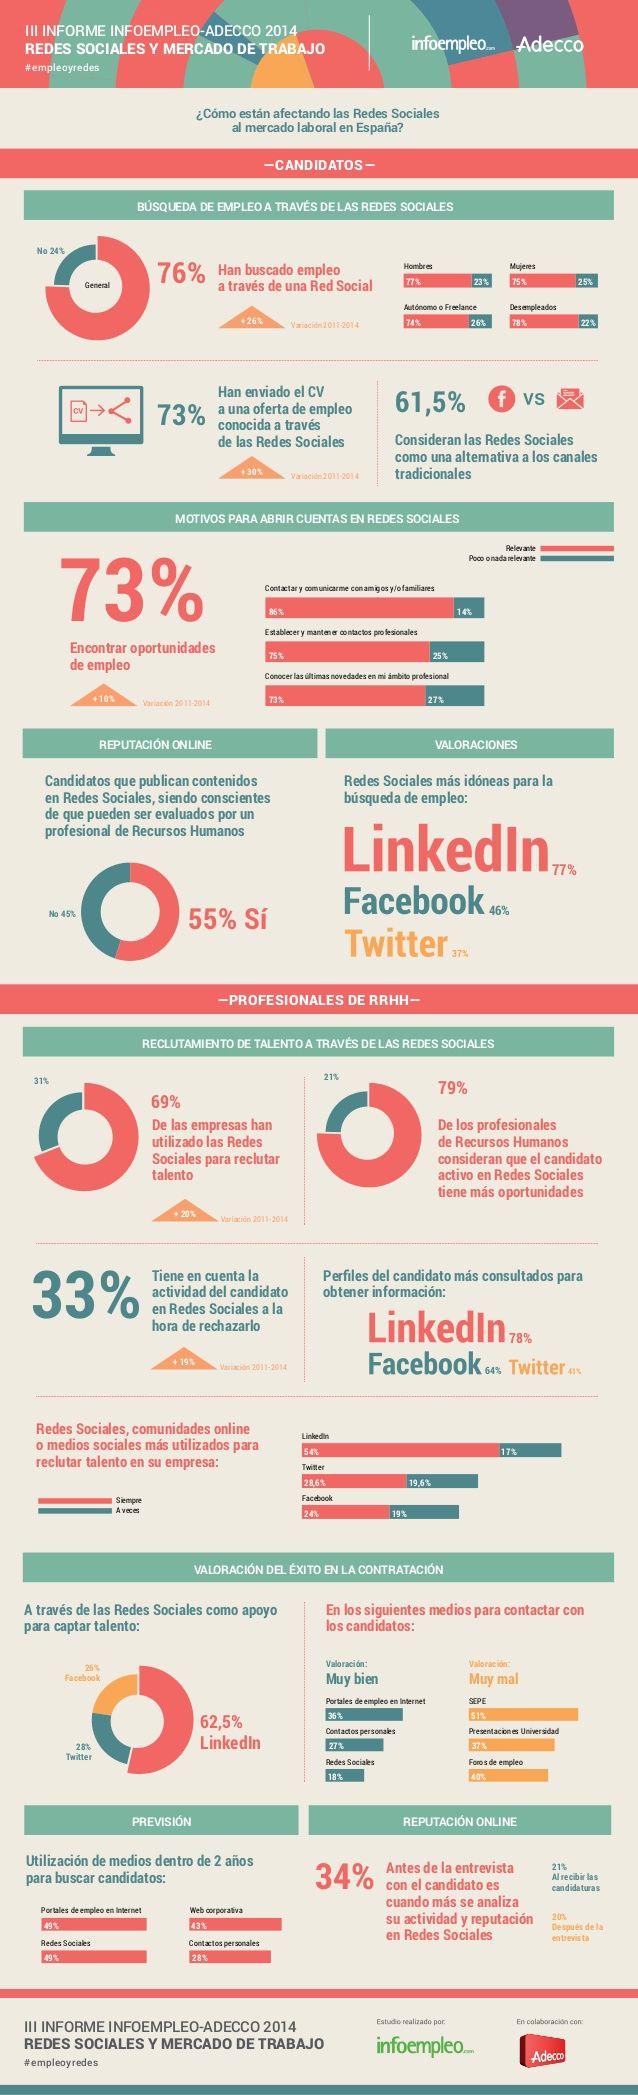 Infografía Informe Infoempleo Adecco Mercado de Trabajo y Redes Sociales